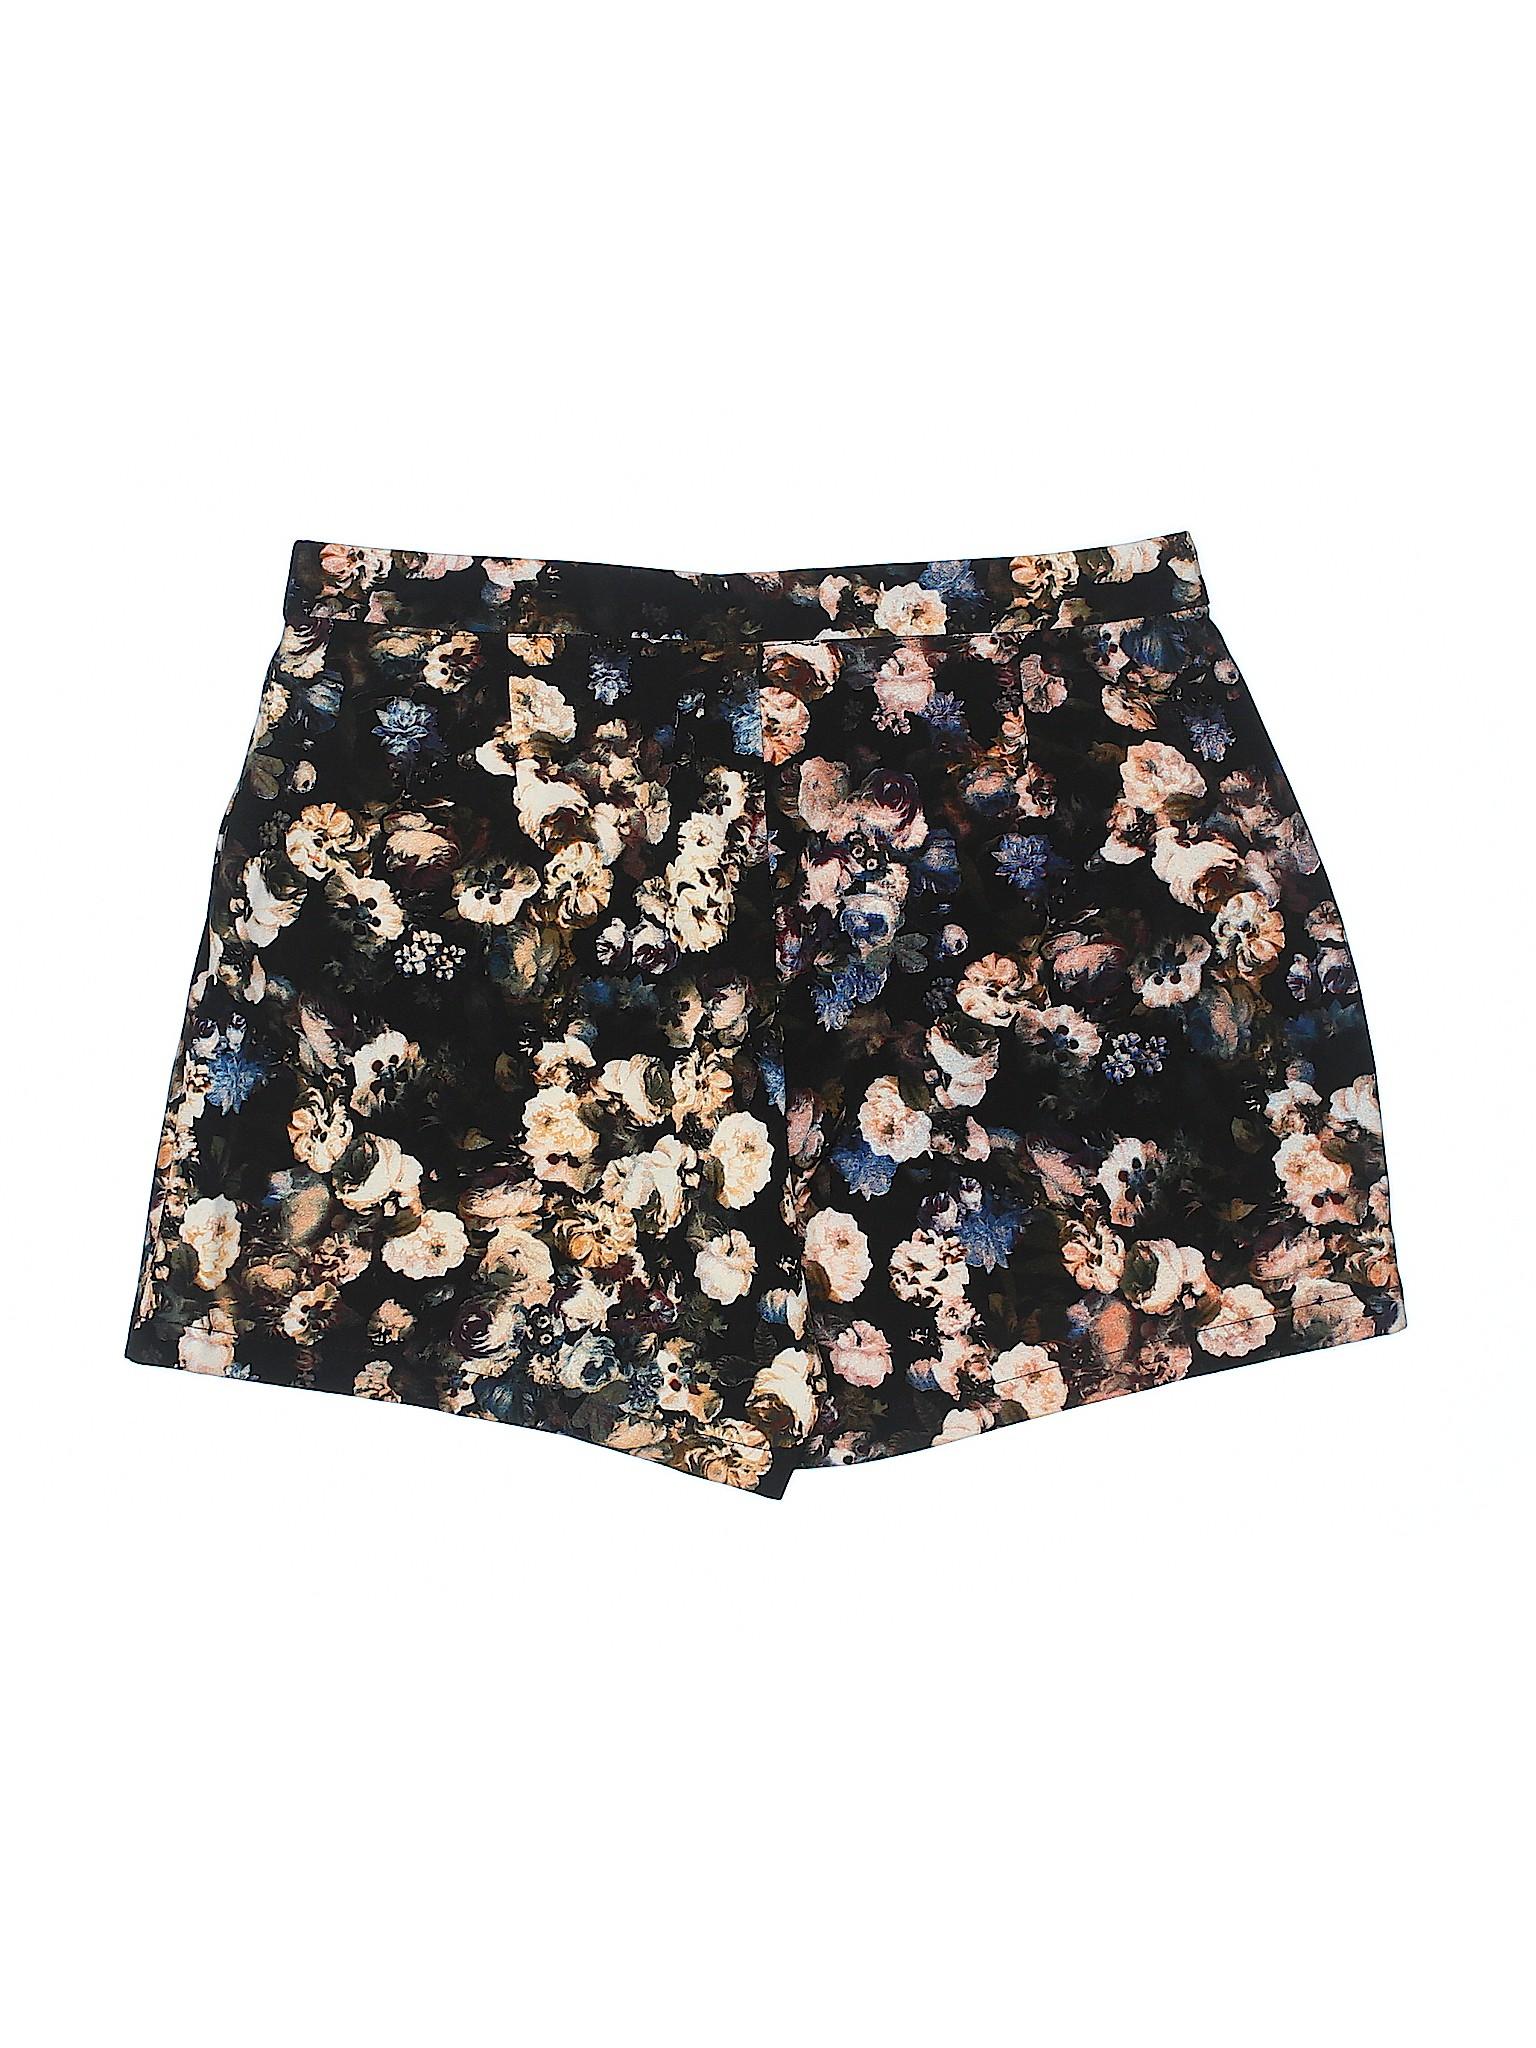 winter Alice Boutique Lavish Shorts winter Boutique xPE7wI1x